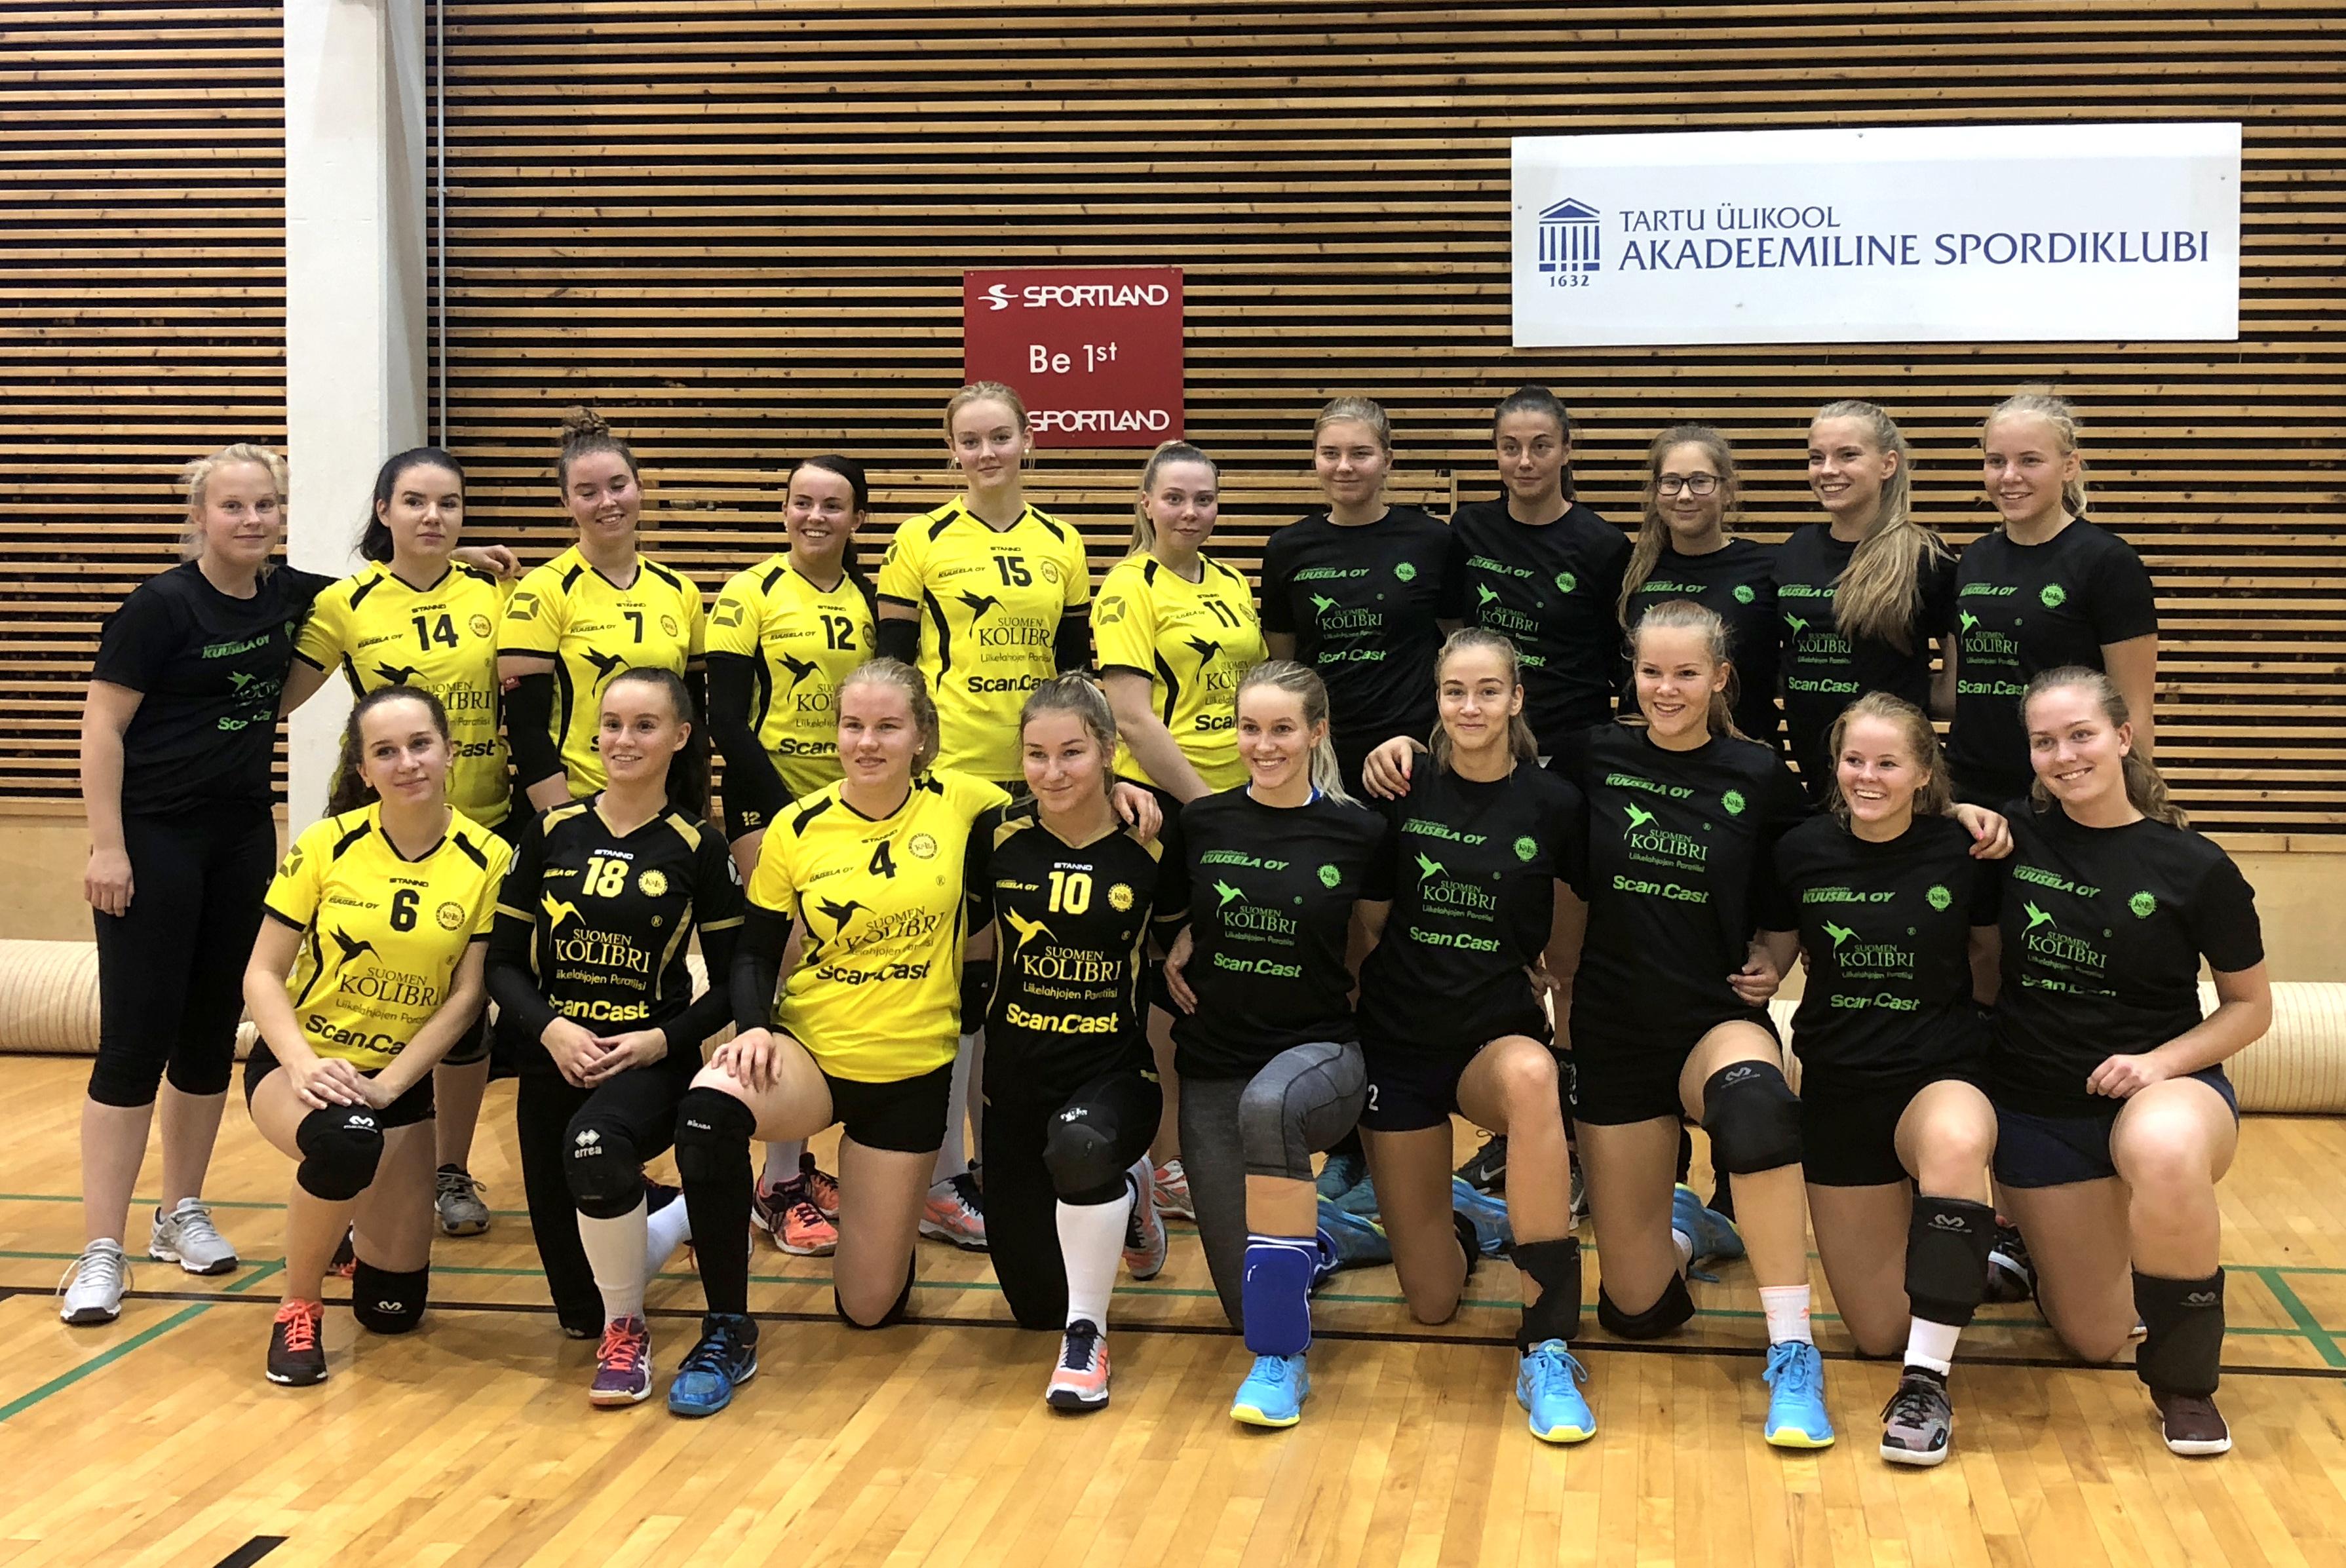 U-20 vanuseklassi esimeseks tiitlivõistluseks on Eesti karikavõistlused